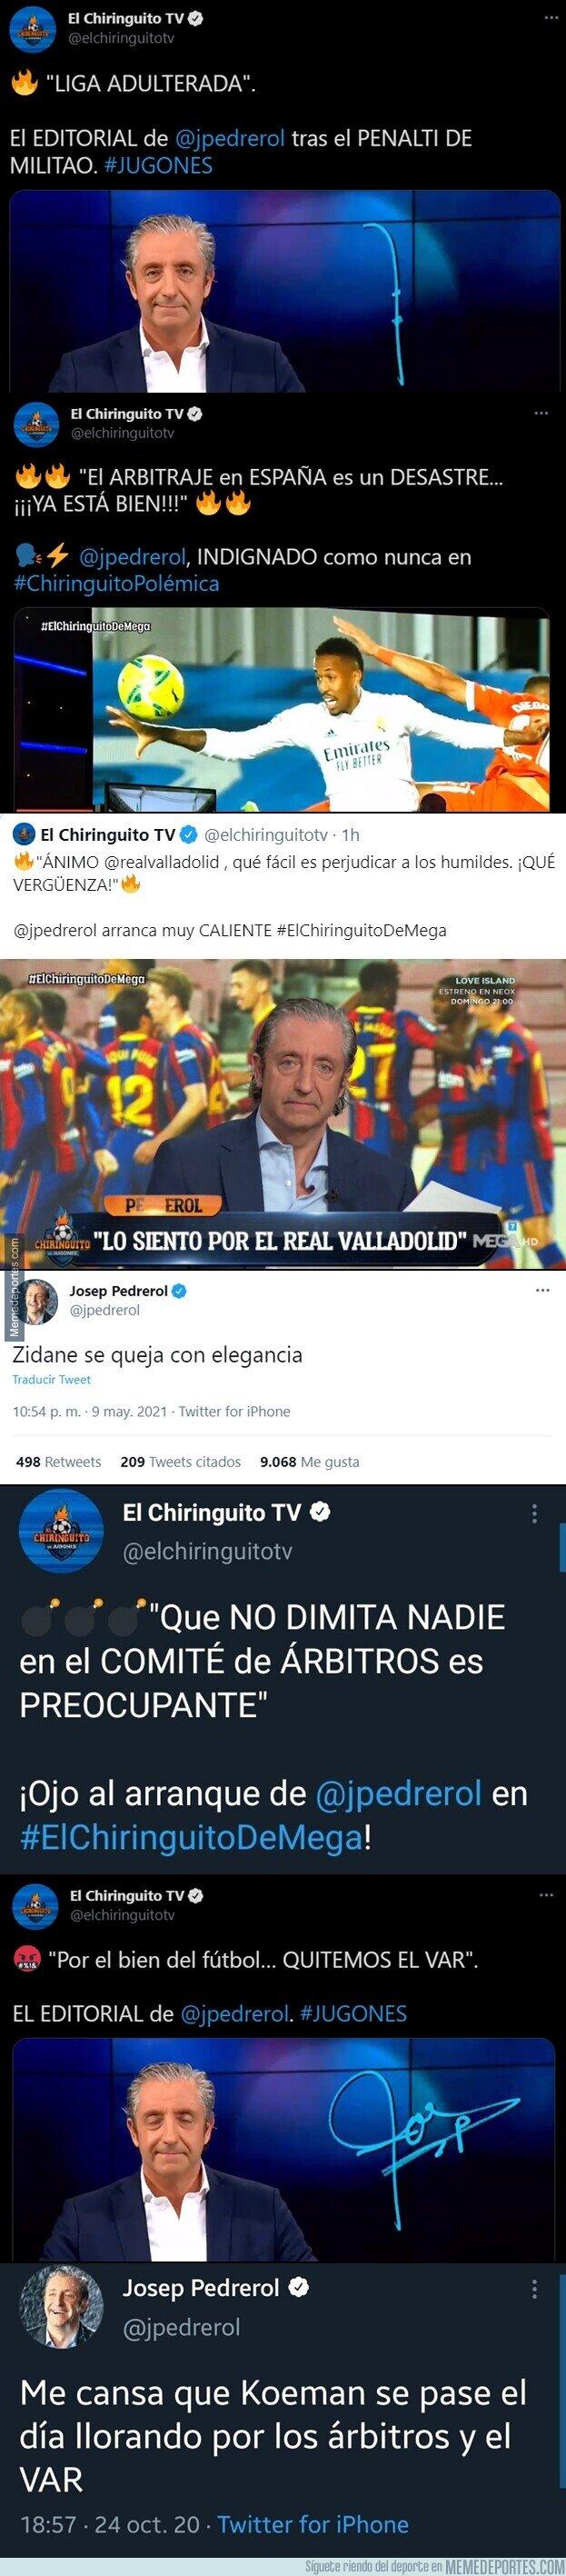 1134860 - El mayor referente del periodismo deportivo en España es este sujeto. Te da que pensar...